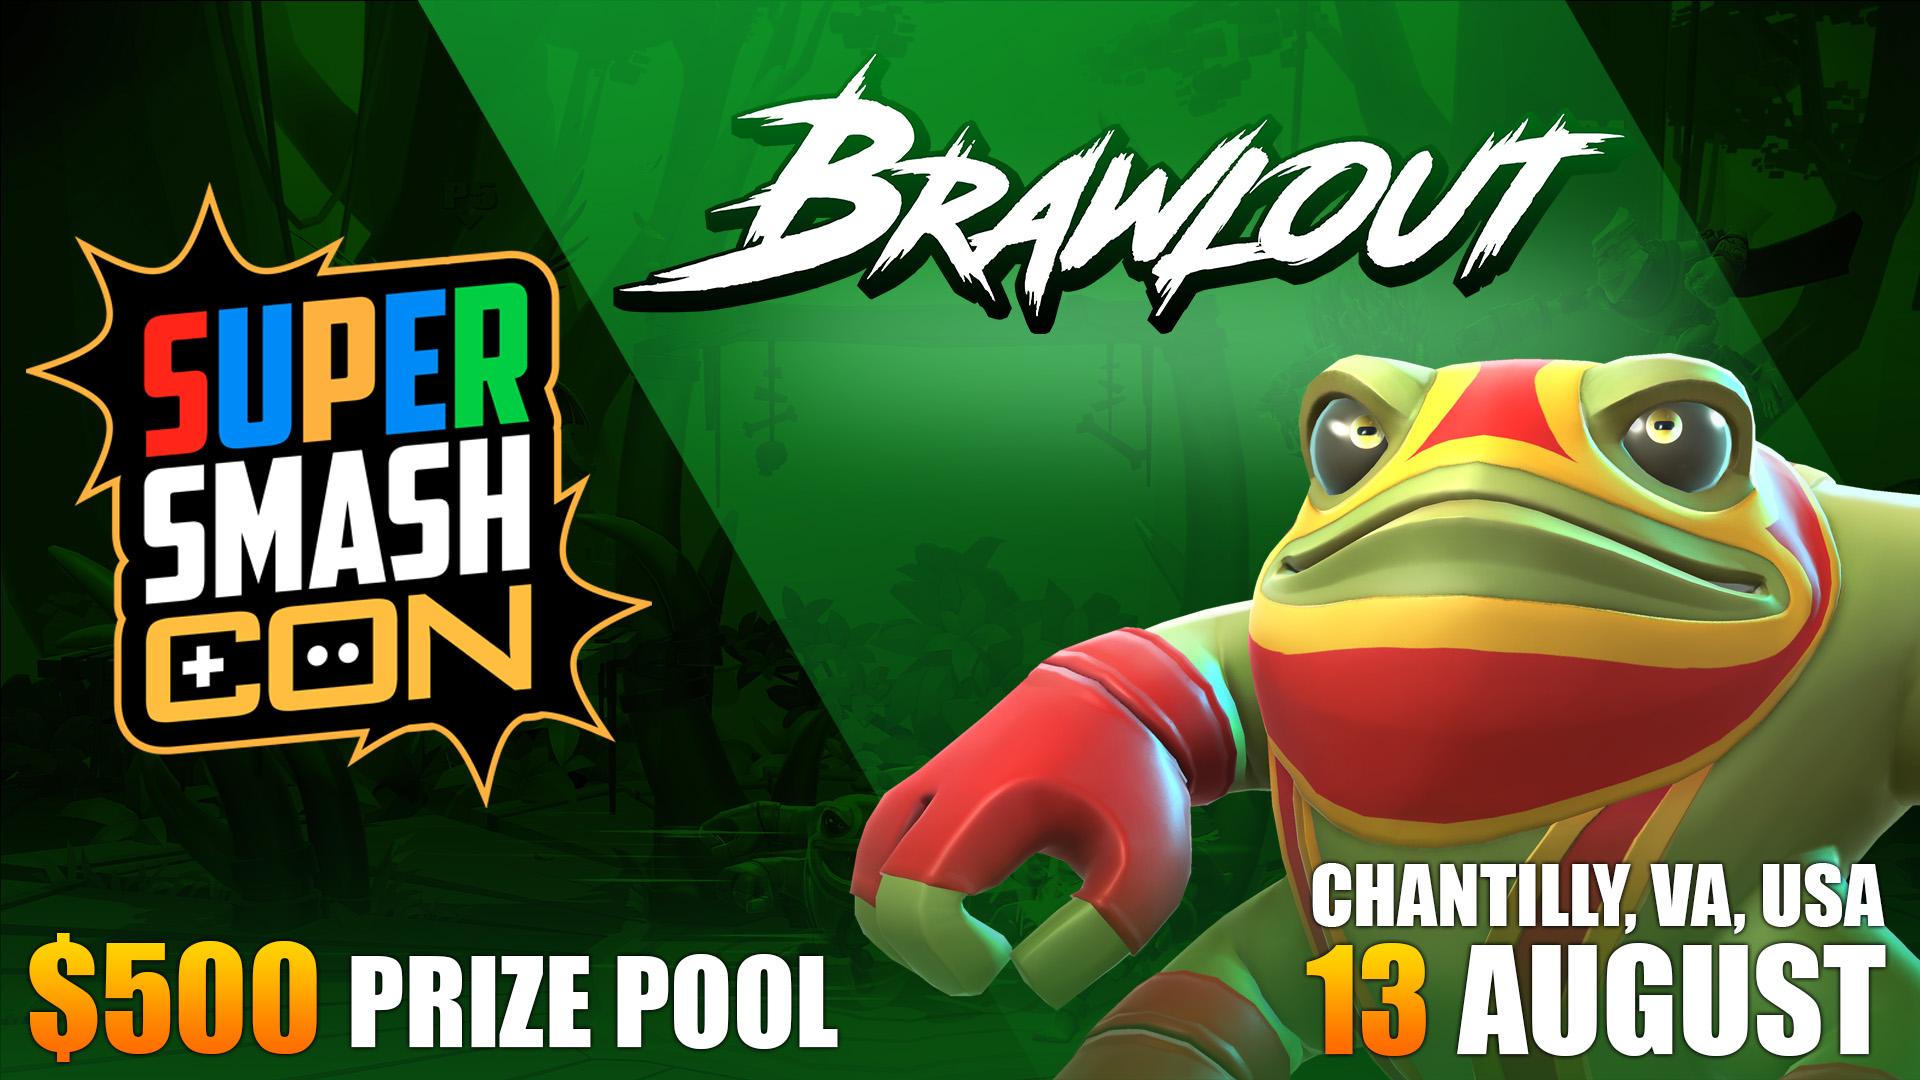 Super Smash Con Brawlout